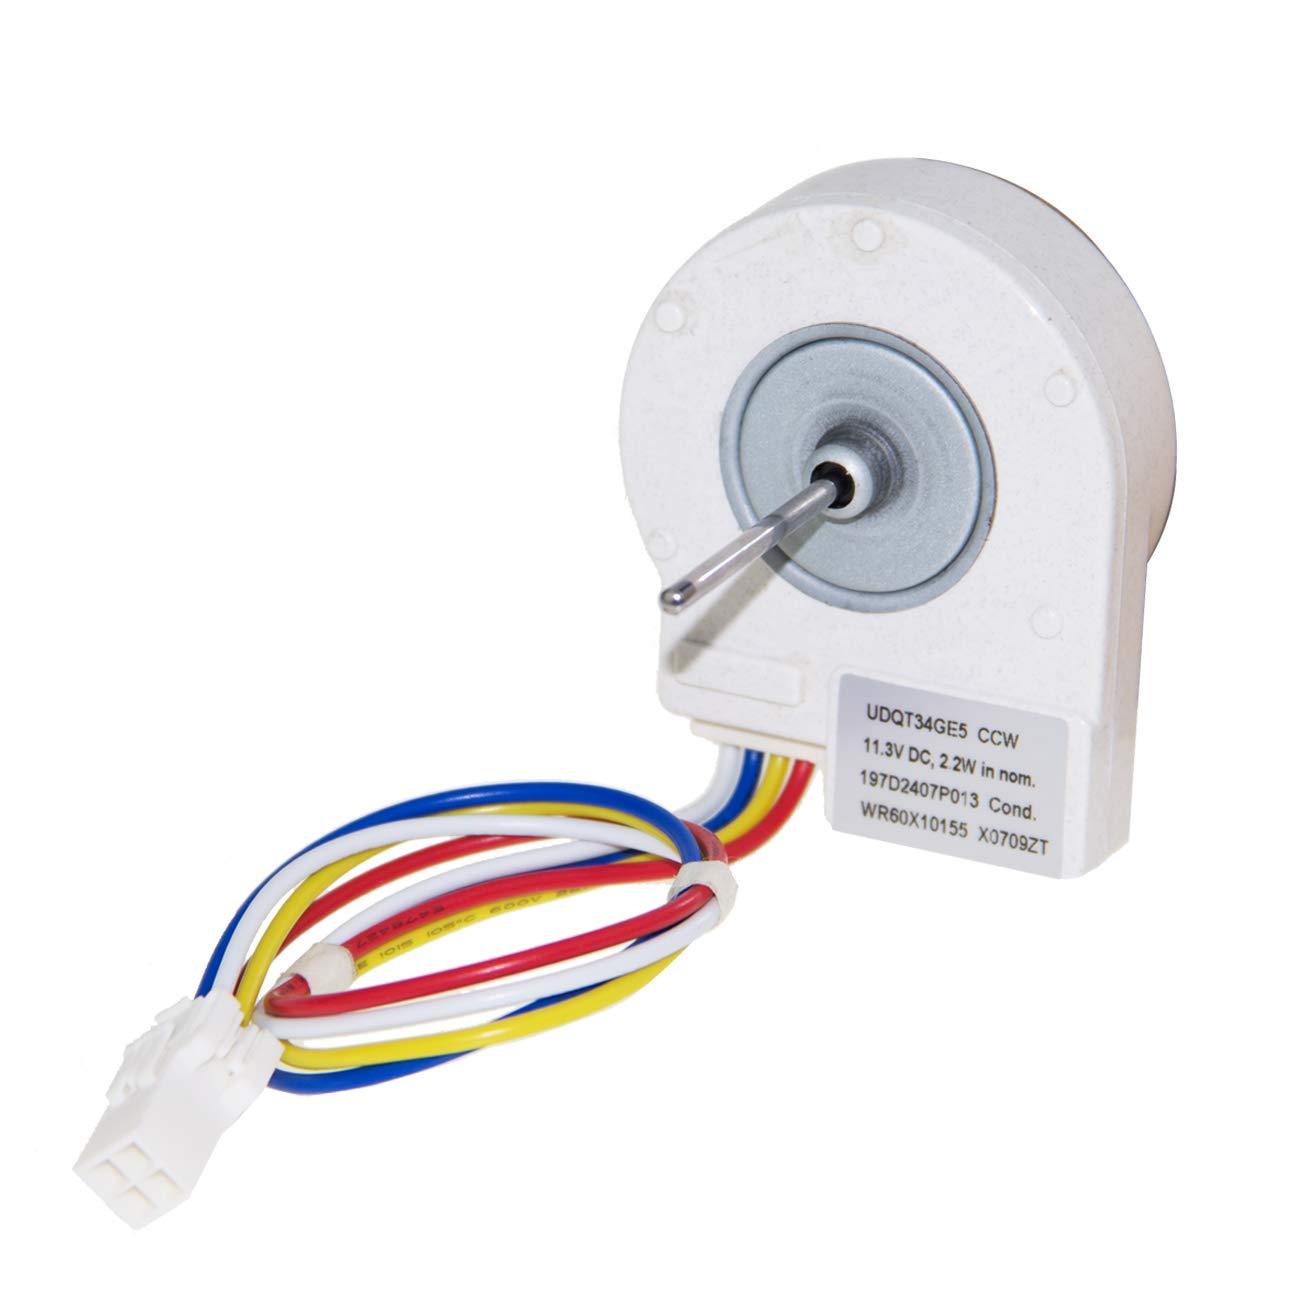 Condenser Fan Motor WR60X10209 for GE Refrigerator WR60X10209 WR60X10155 WR60X10042 12 Volt